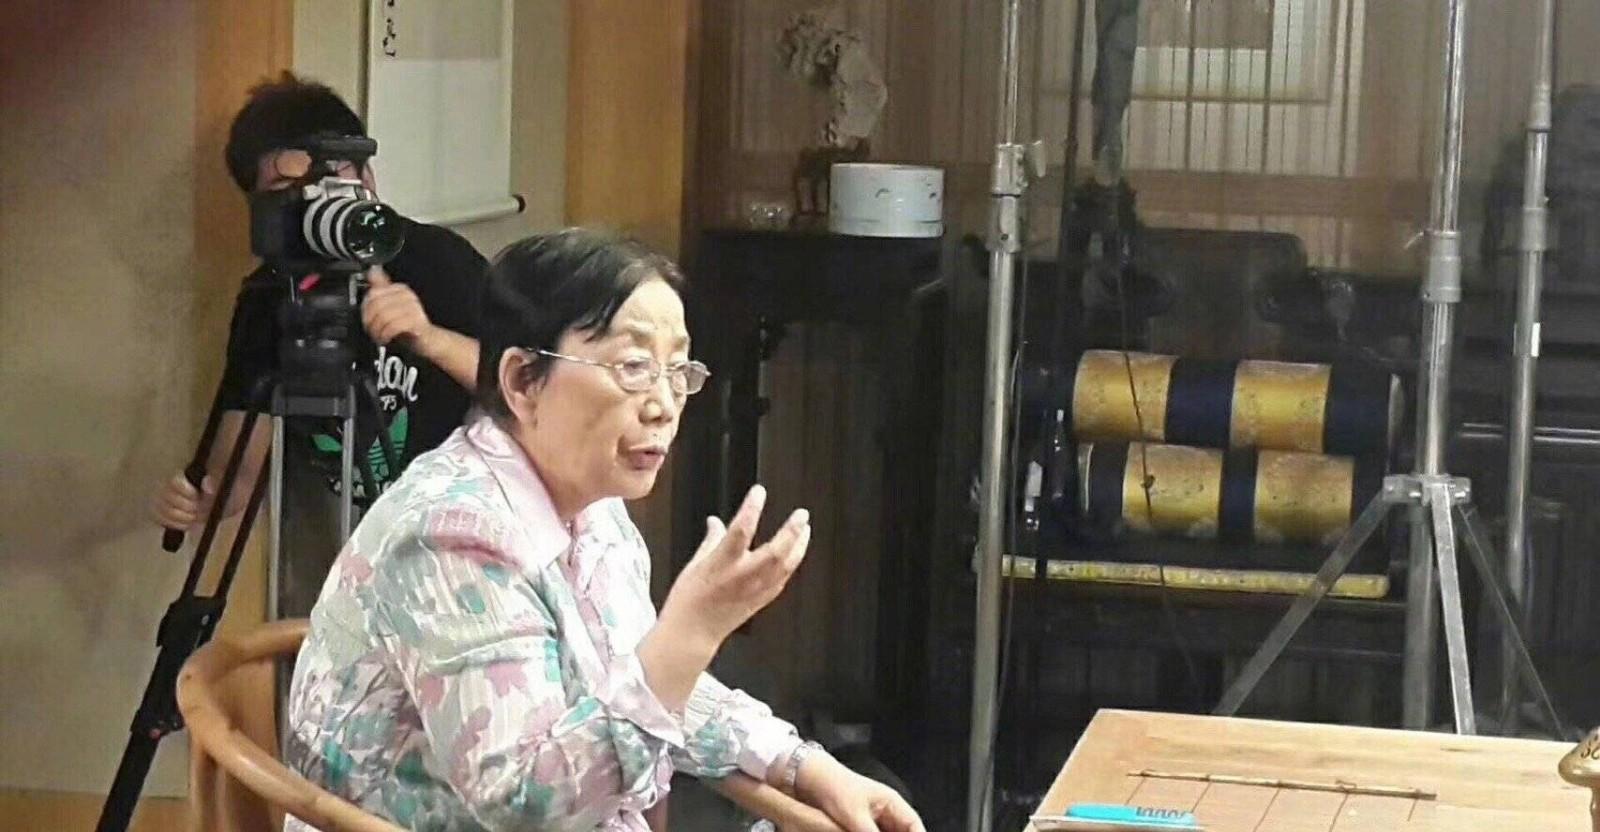 86版《西游记》编剧邹忆青去世,她生前都有哪些经典作品?